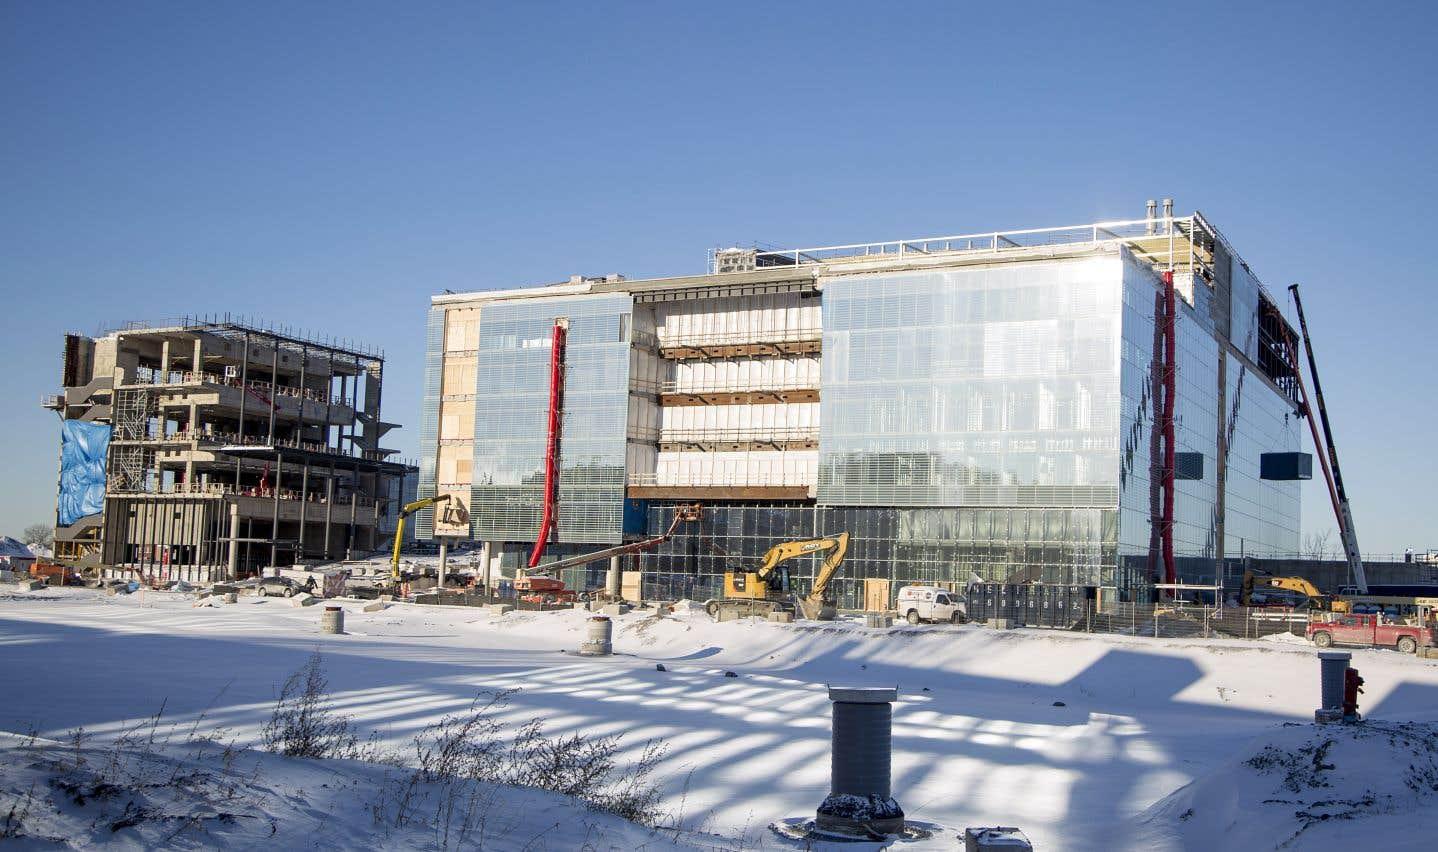 L'UdeM et la Ville de Montréal visent une certification LEED-Aménagement de quartier, qui a pour objectif l'aménagement de quartiers durables qui profitent tant à la collectivité et aux citoyens qu'à l'environnement.